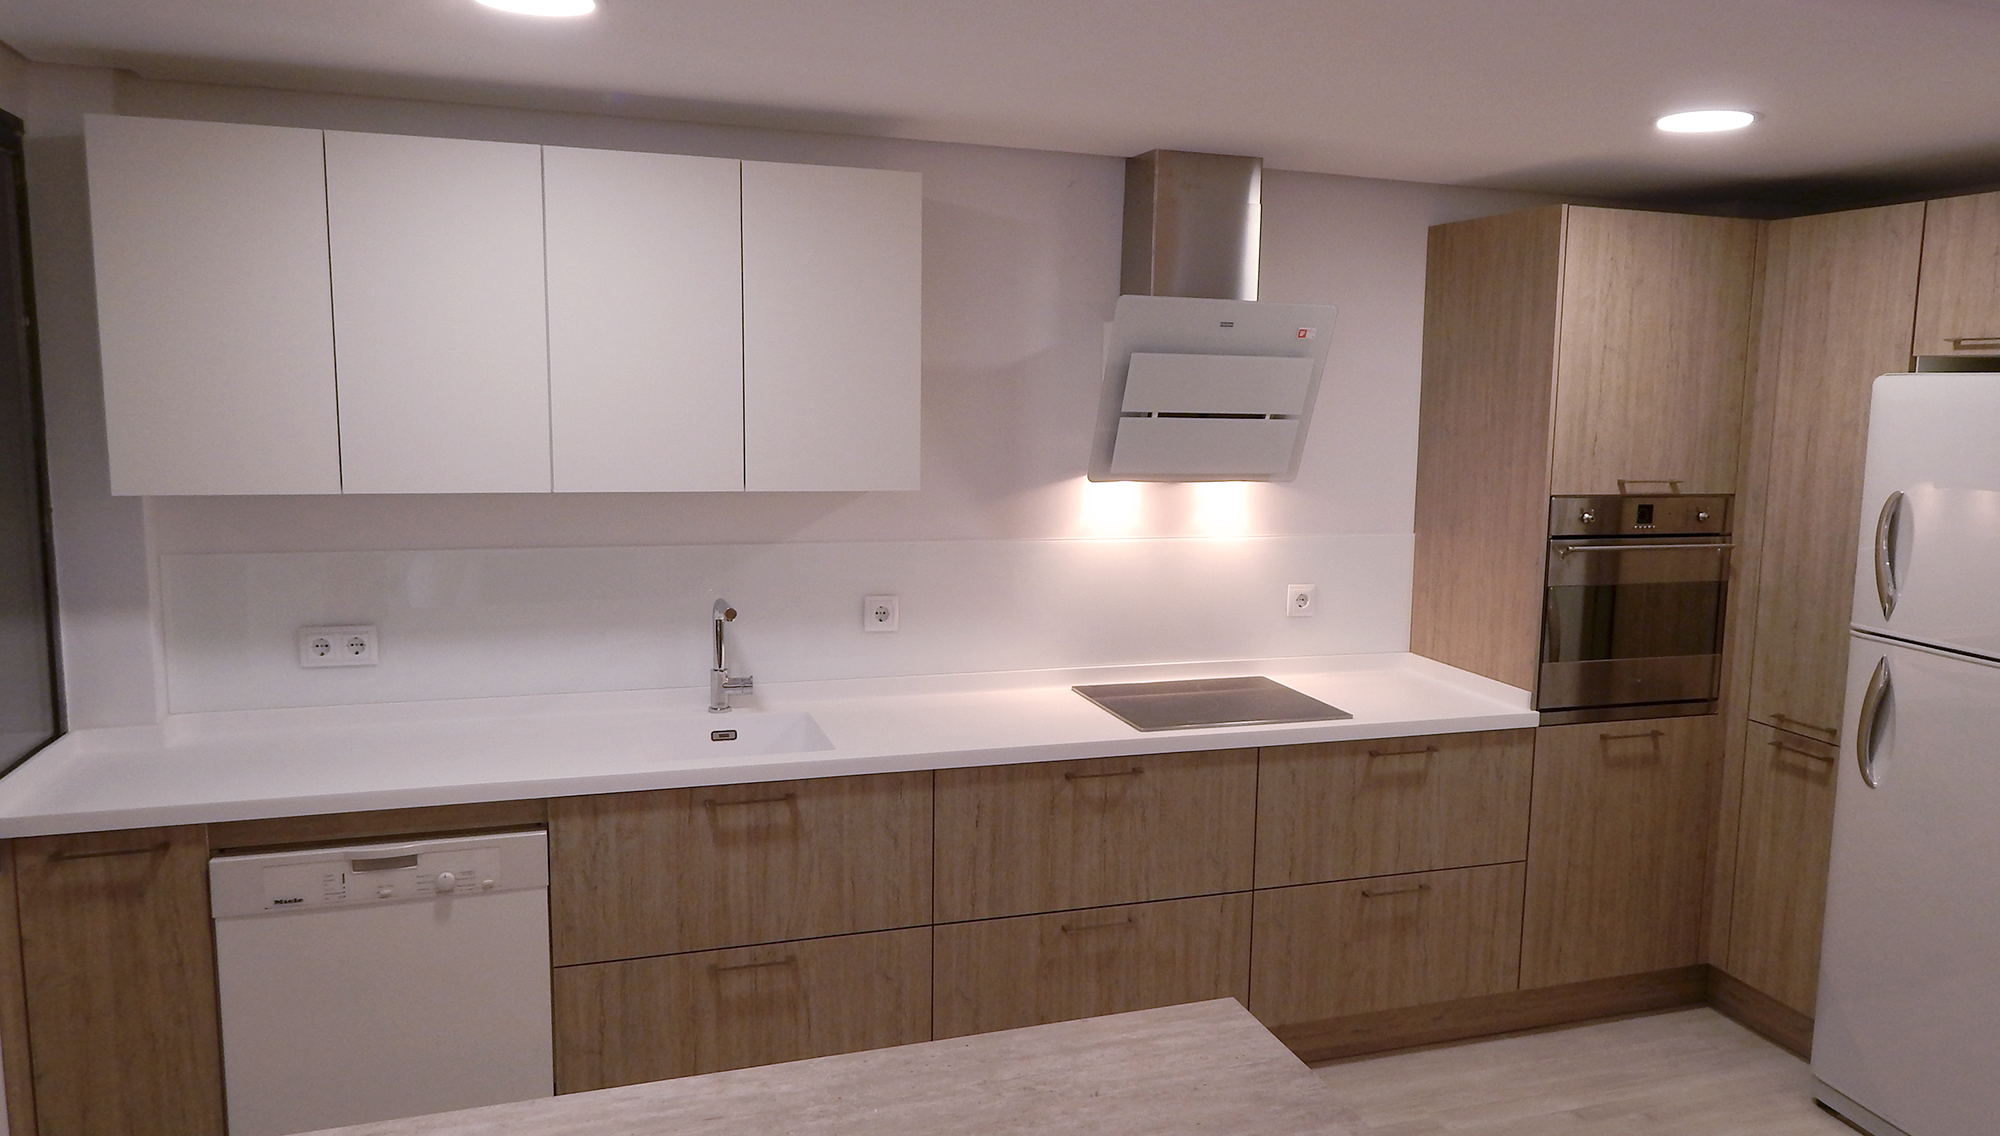 Muebles de cocina en roble gris seda for Cocinas blancas con electrodomesticos blancos